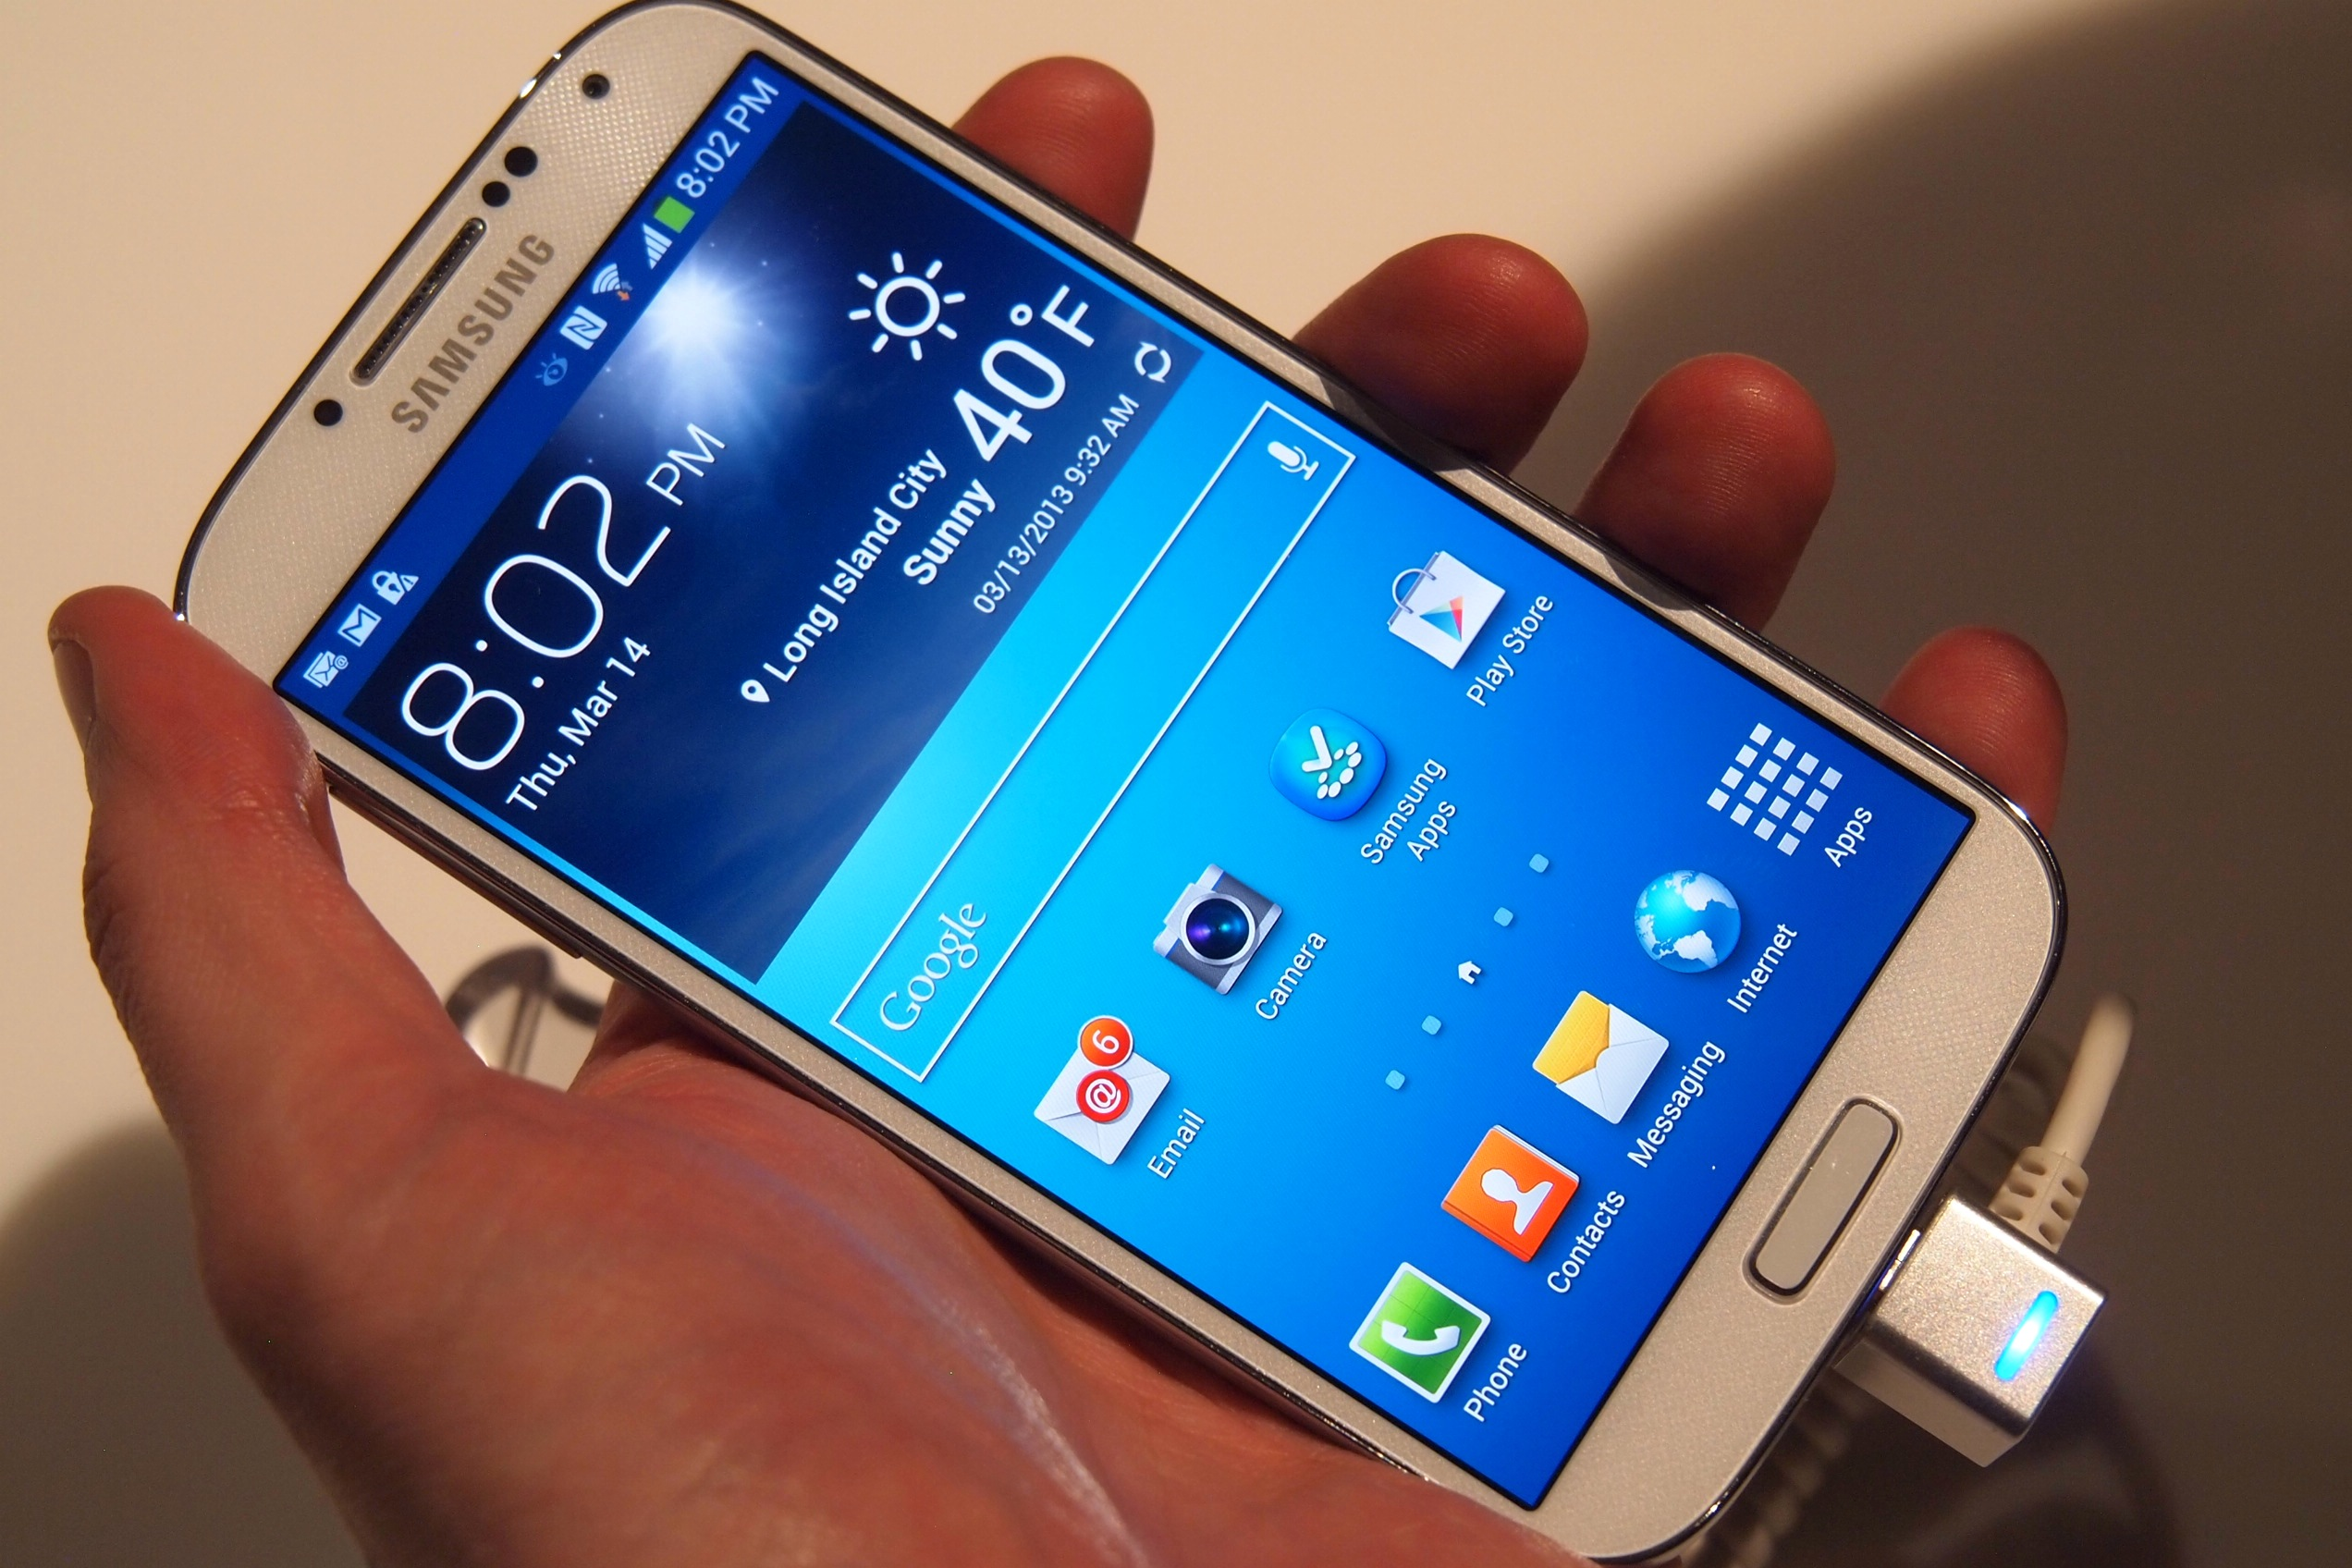 Annunciato ufficialmente il nuovo Samsung Galaxy S4 LTE-A